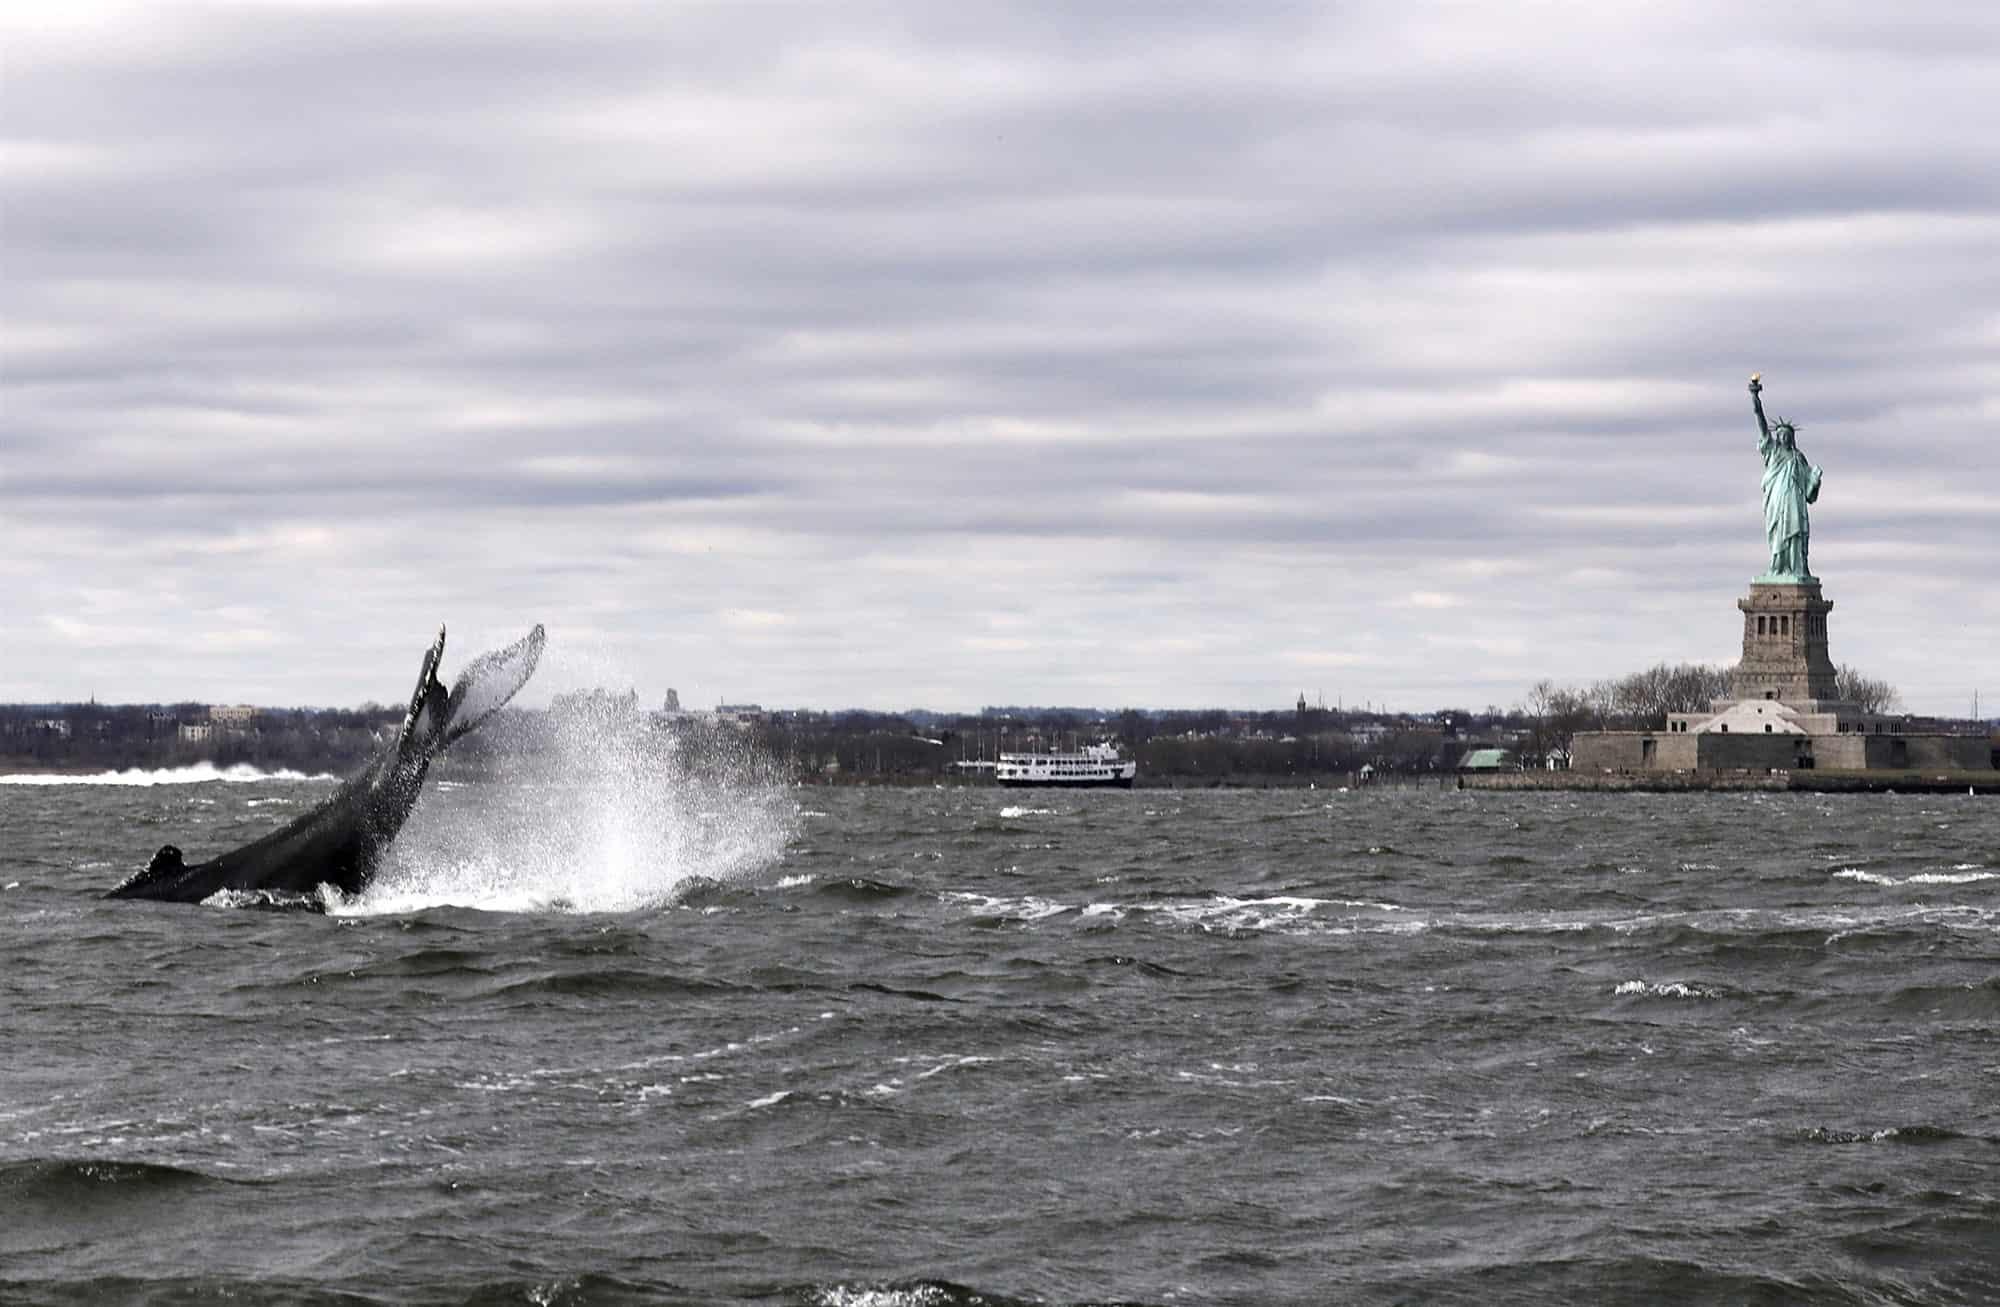 Estados Unidos: una ballena jorobada fue vista nadando cerca de la Estatua de la Libertad, en Nueva York